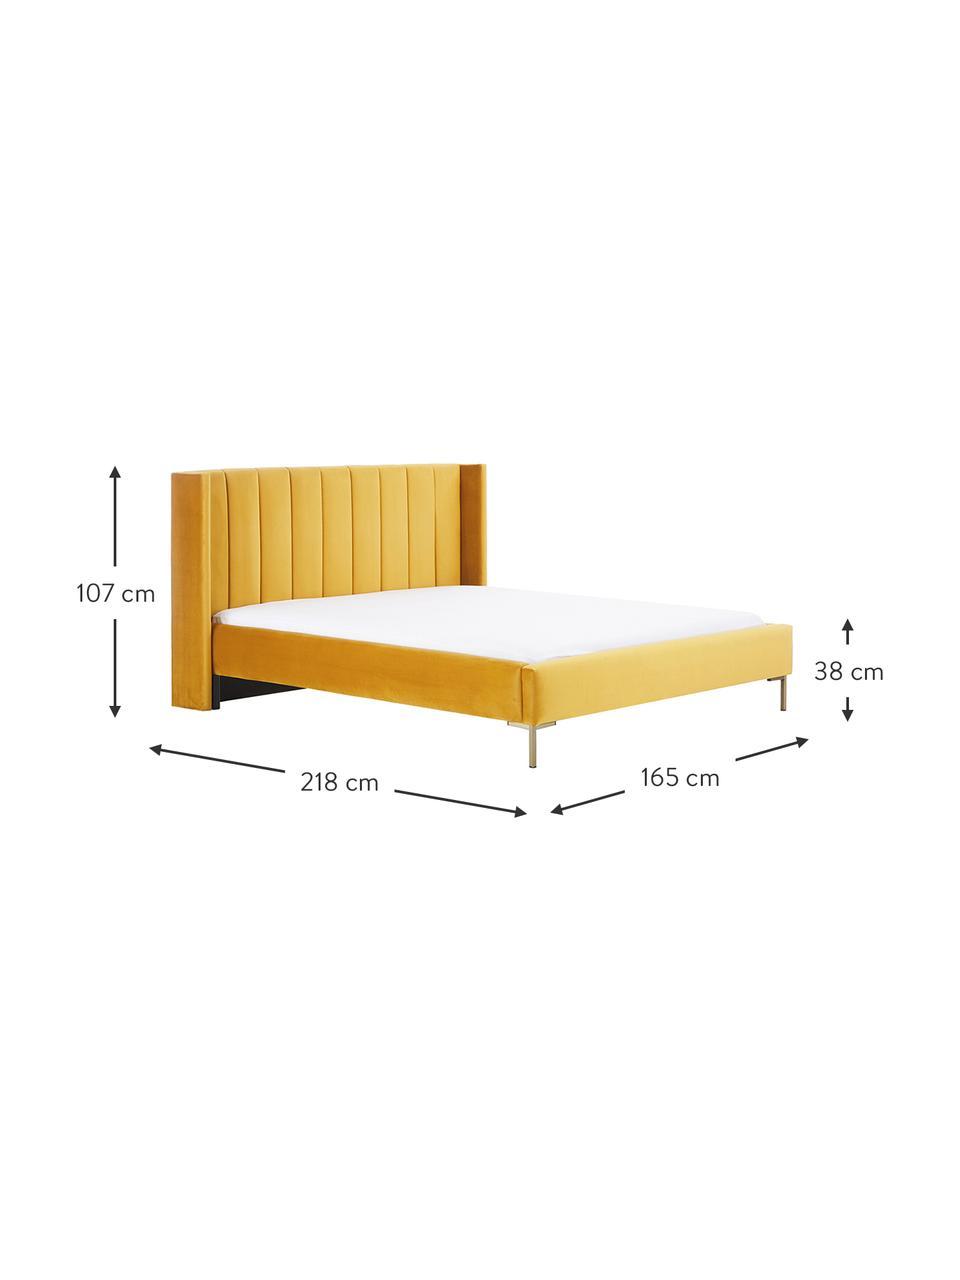 Łóżko tapicerowane z aksamitu Dusk, Tapicerka: aksamit poliestrowy Dzięk, Korpus: lite drewno sosnowe i pły, Nogi: metal malowany proszkowo, Aksamitny żółty, S 200 x D 200 cm